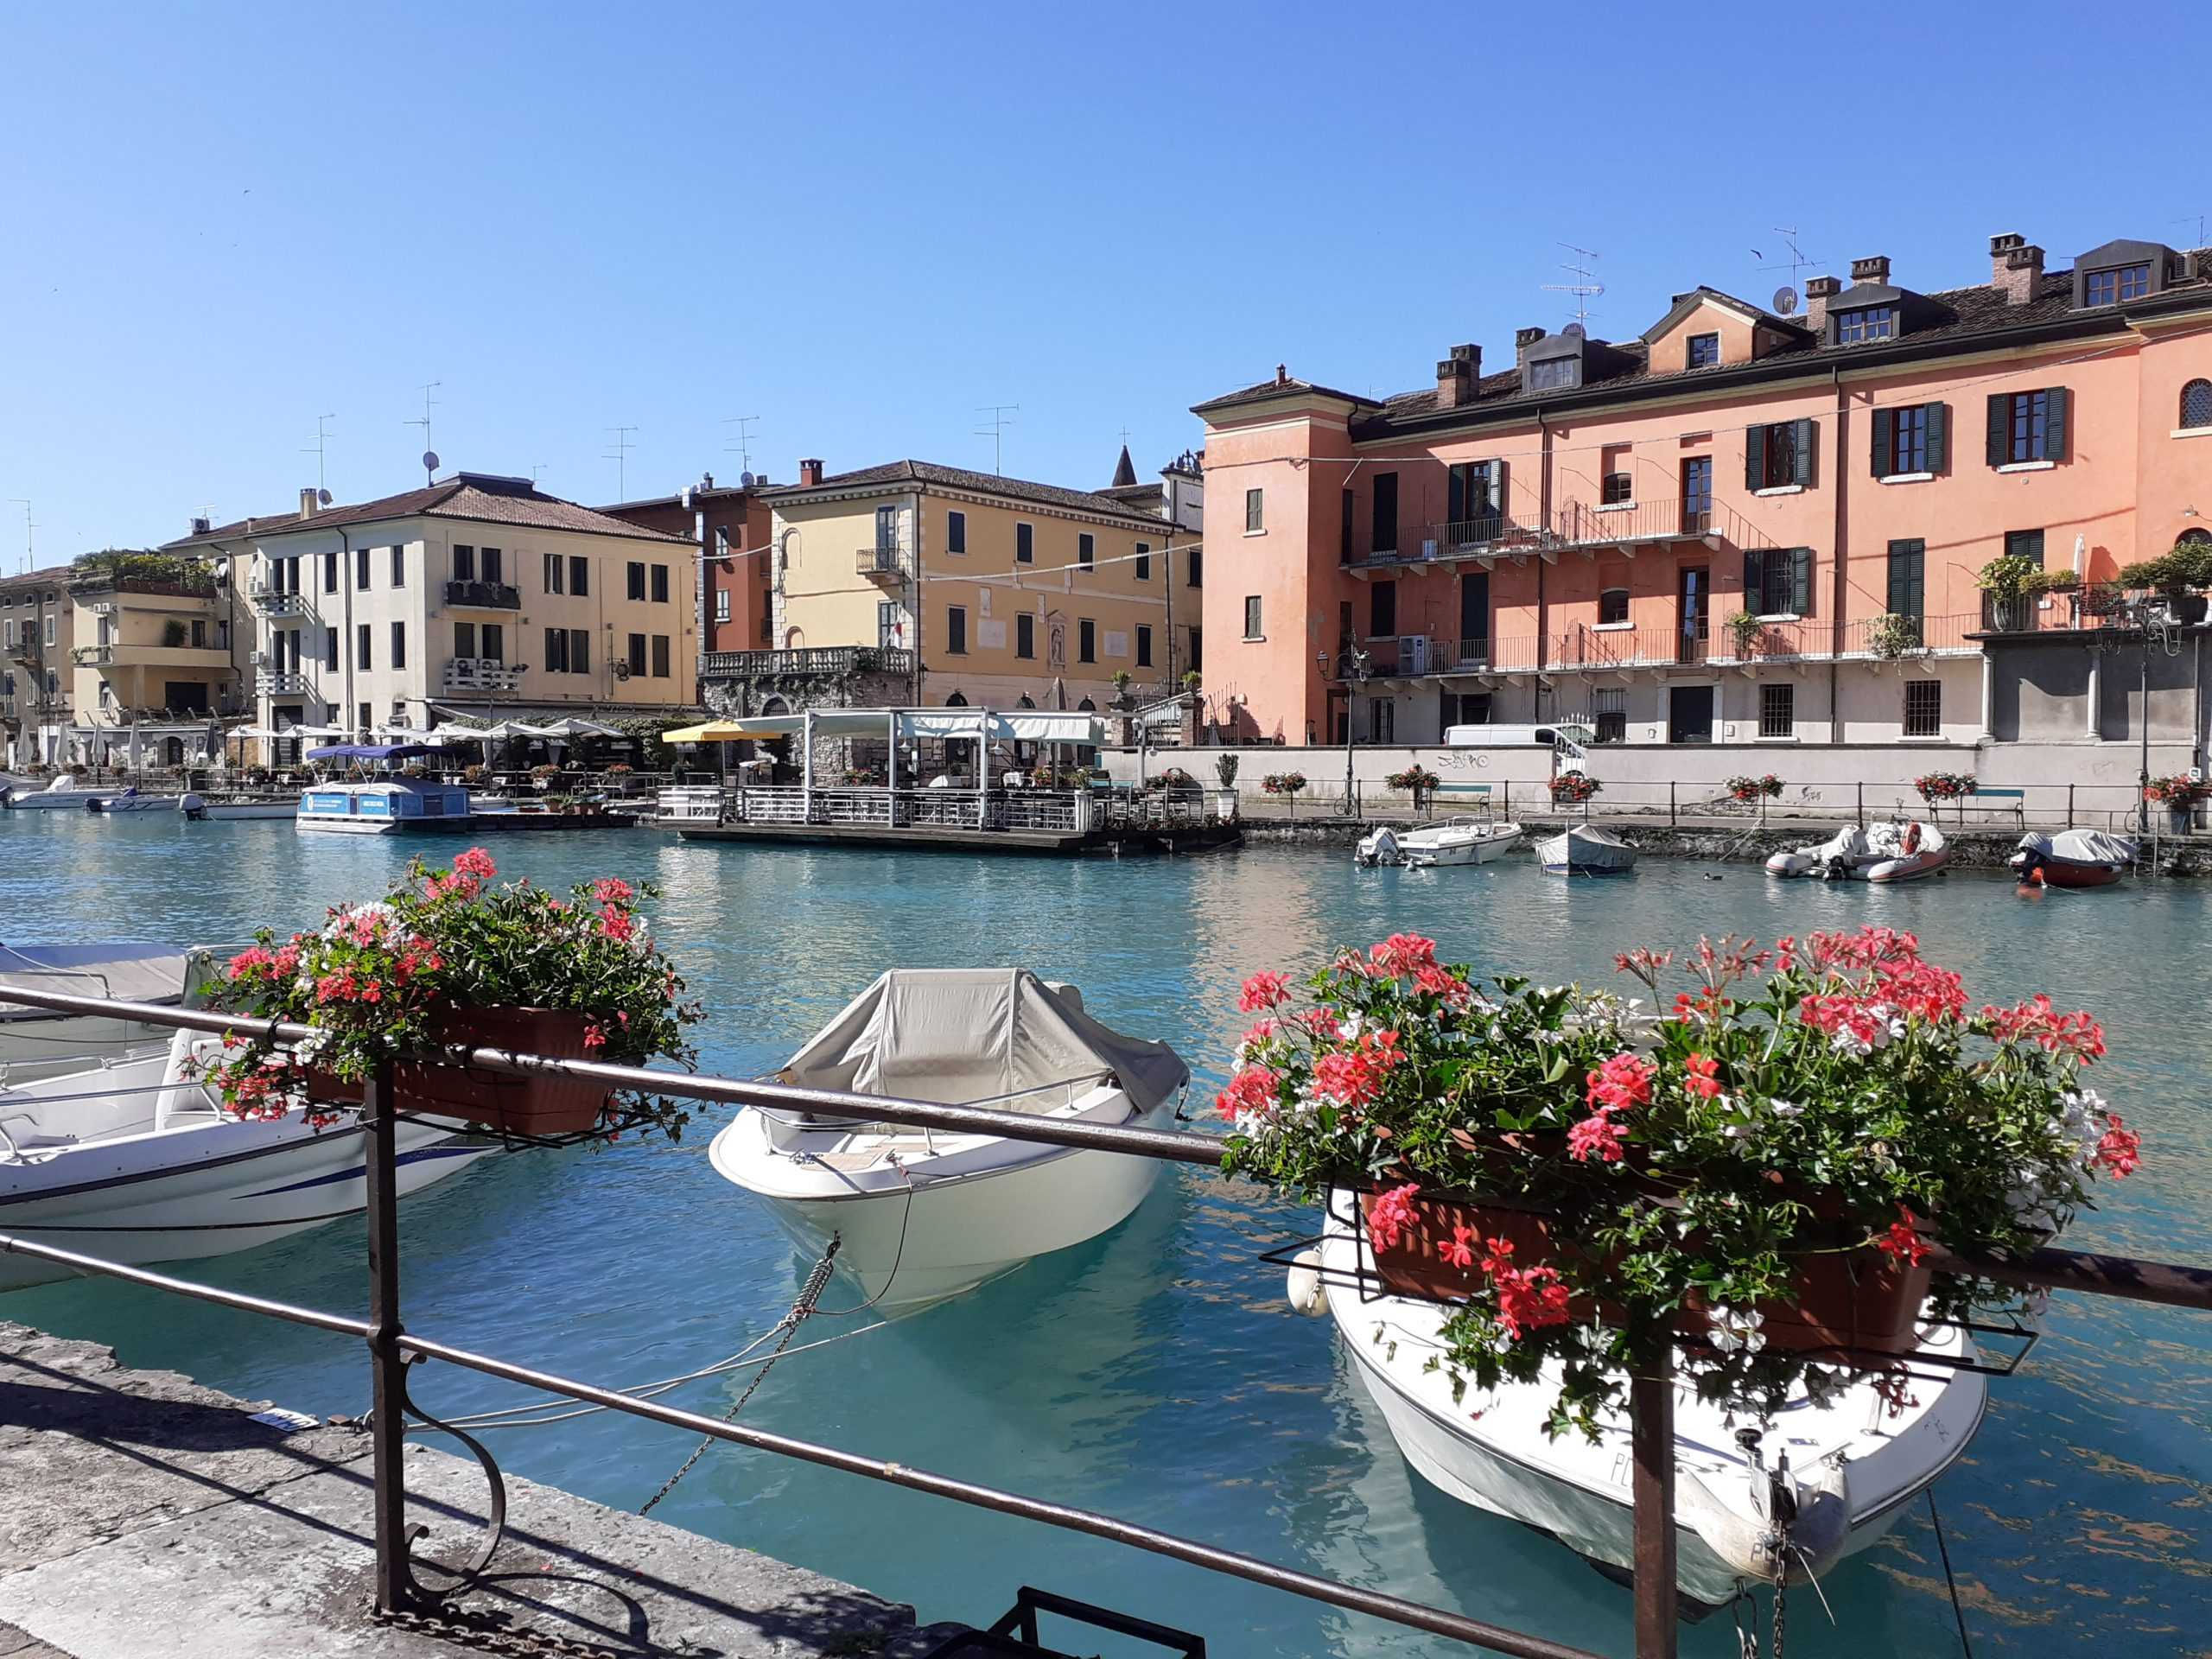 Mincio-Fluß in Peschiera del Garda